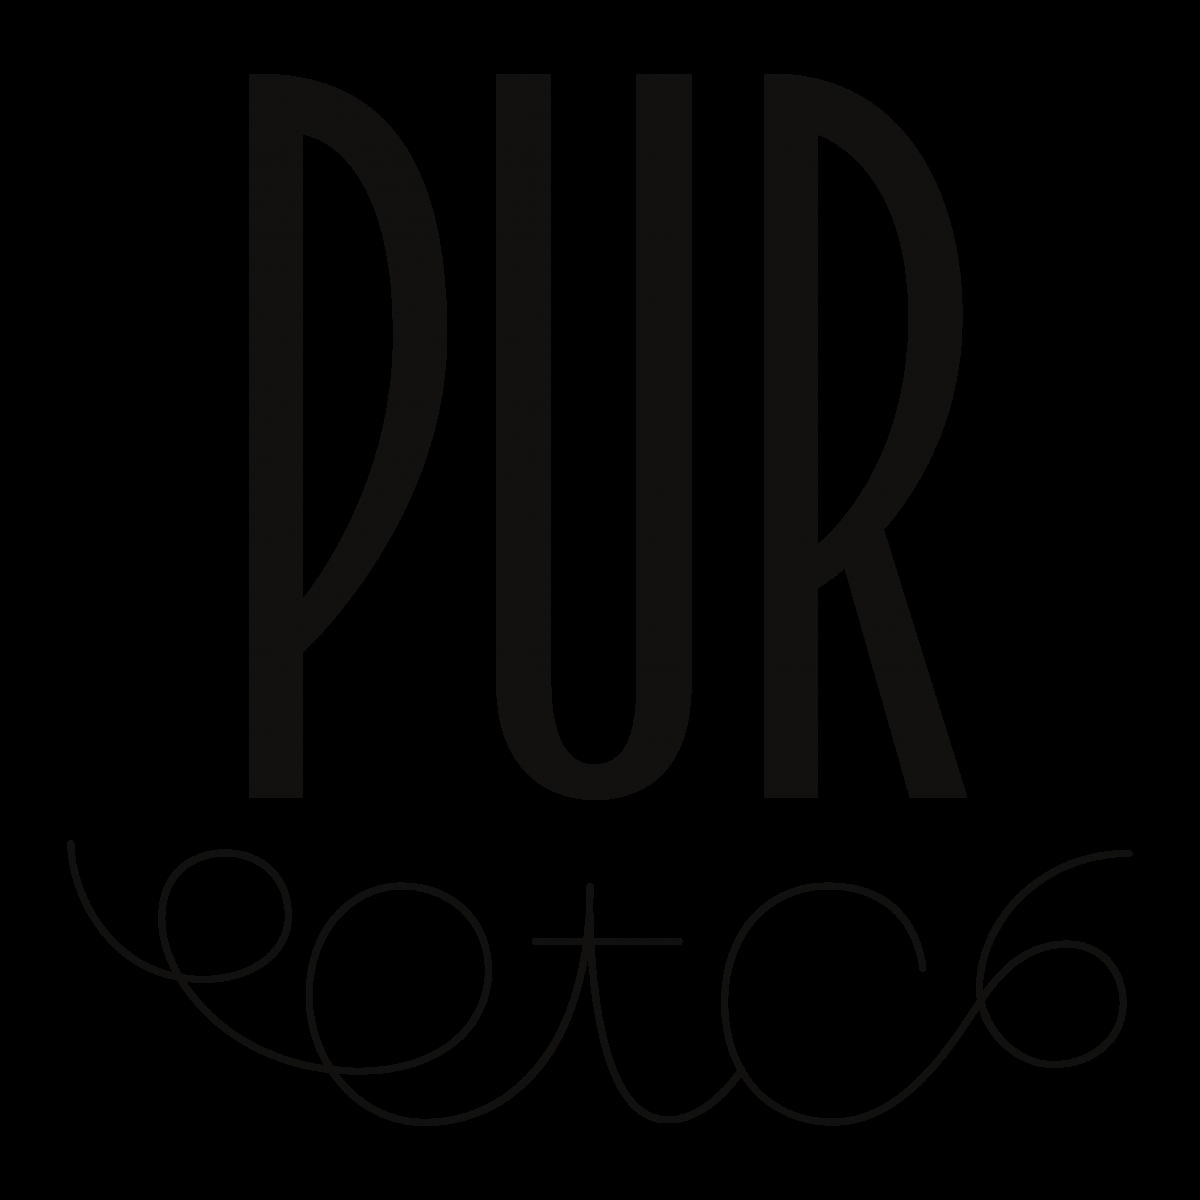 logo_declinaisons_utilisables_puretc_noir.png